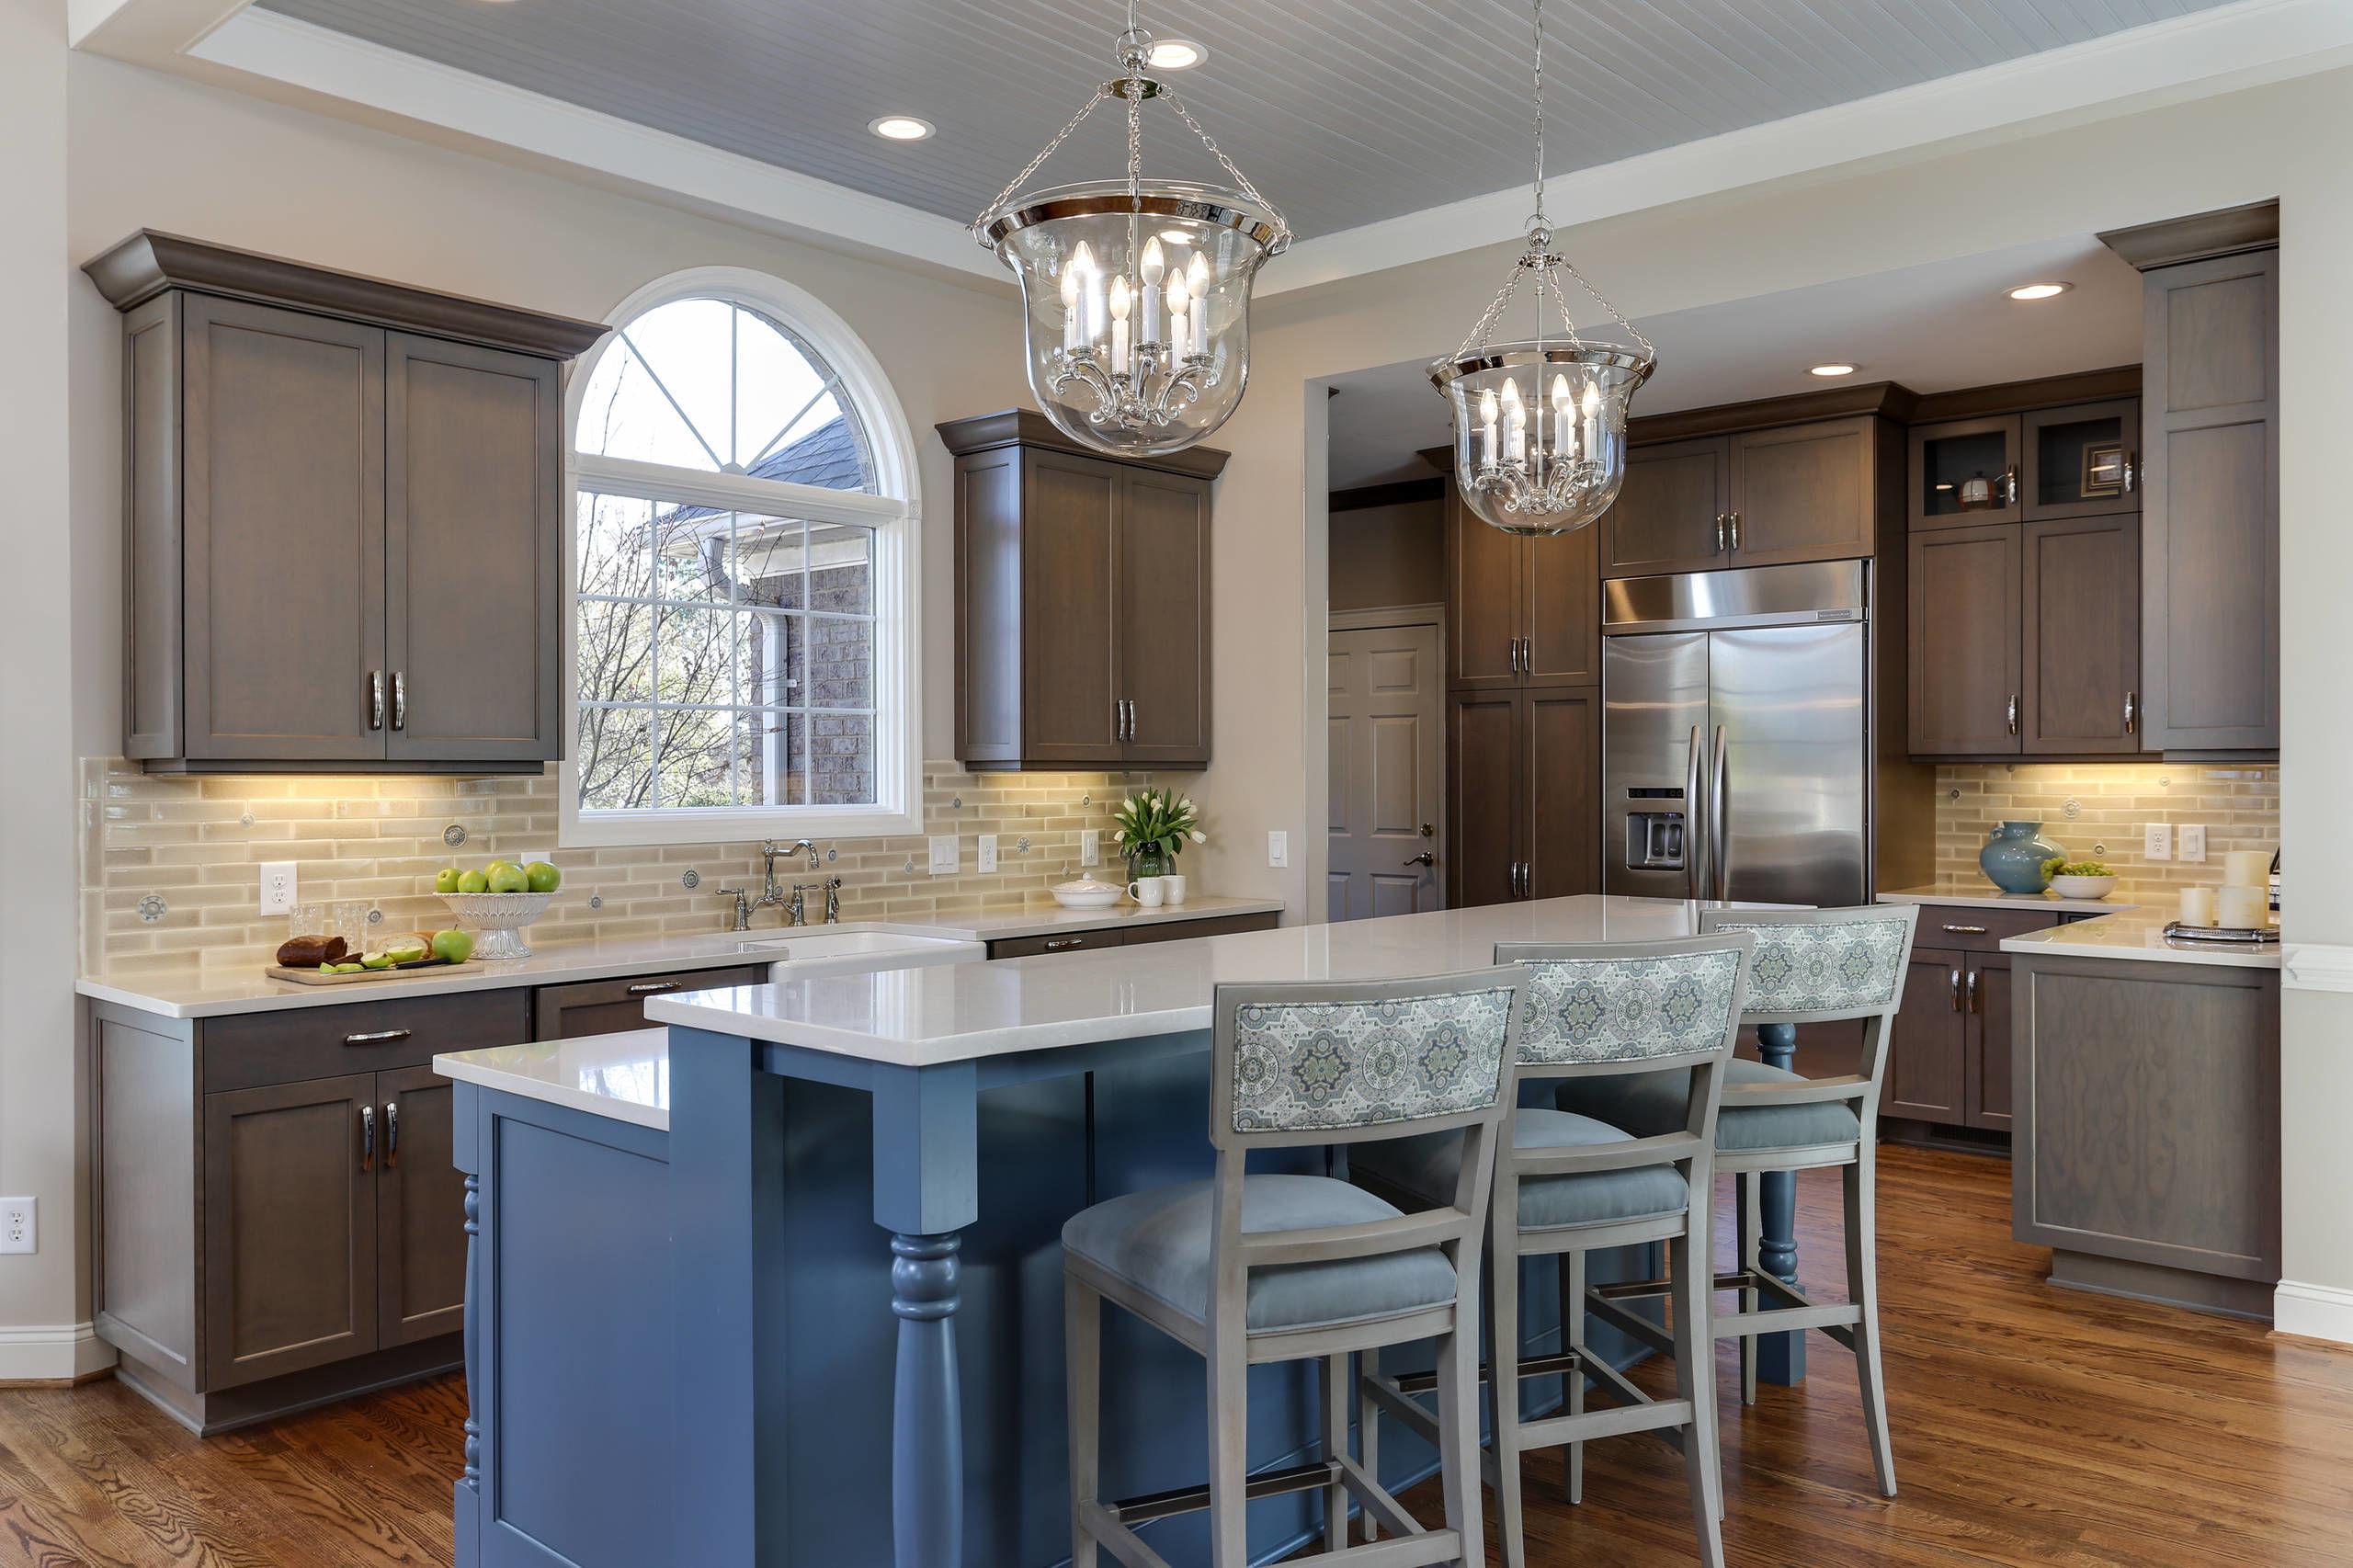 欧式开放式小厨房吧台装修效果图欣赏